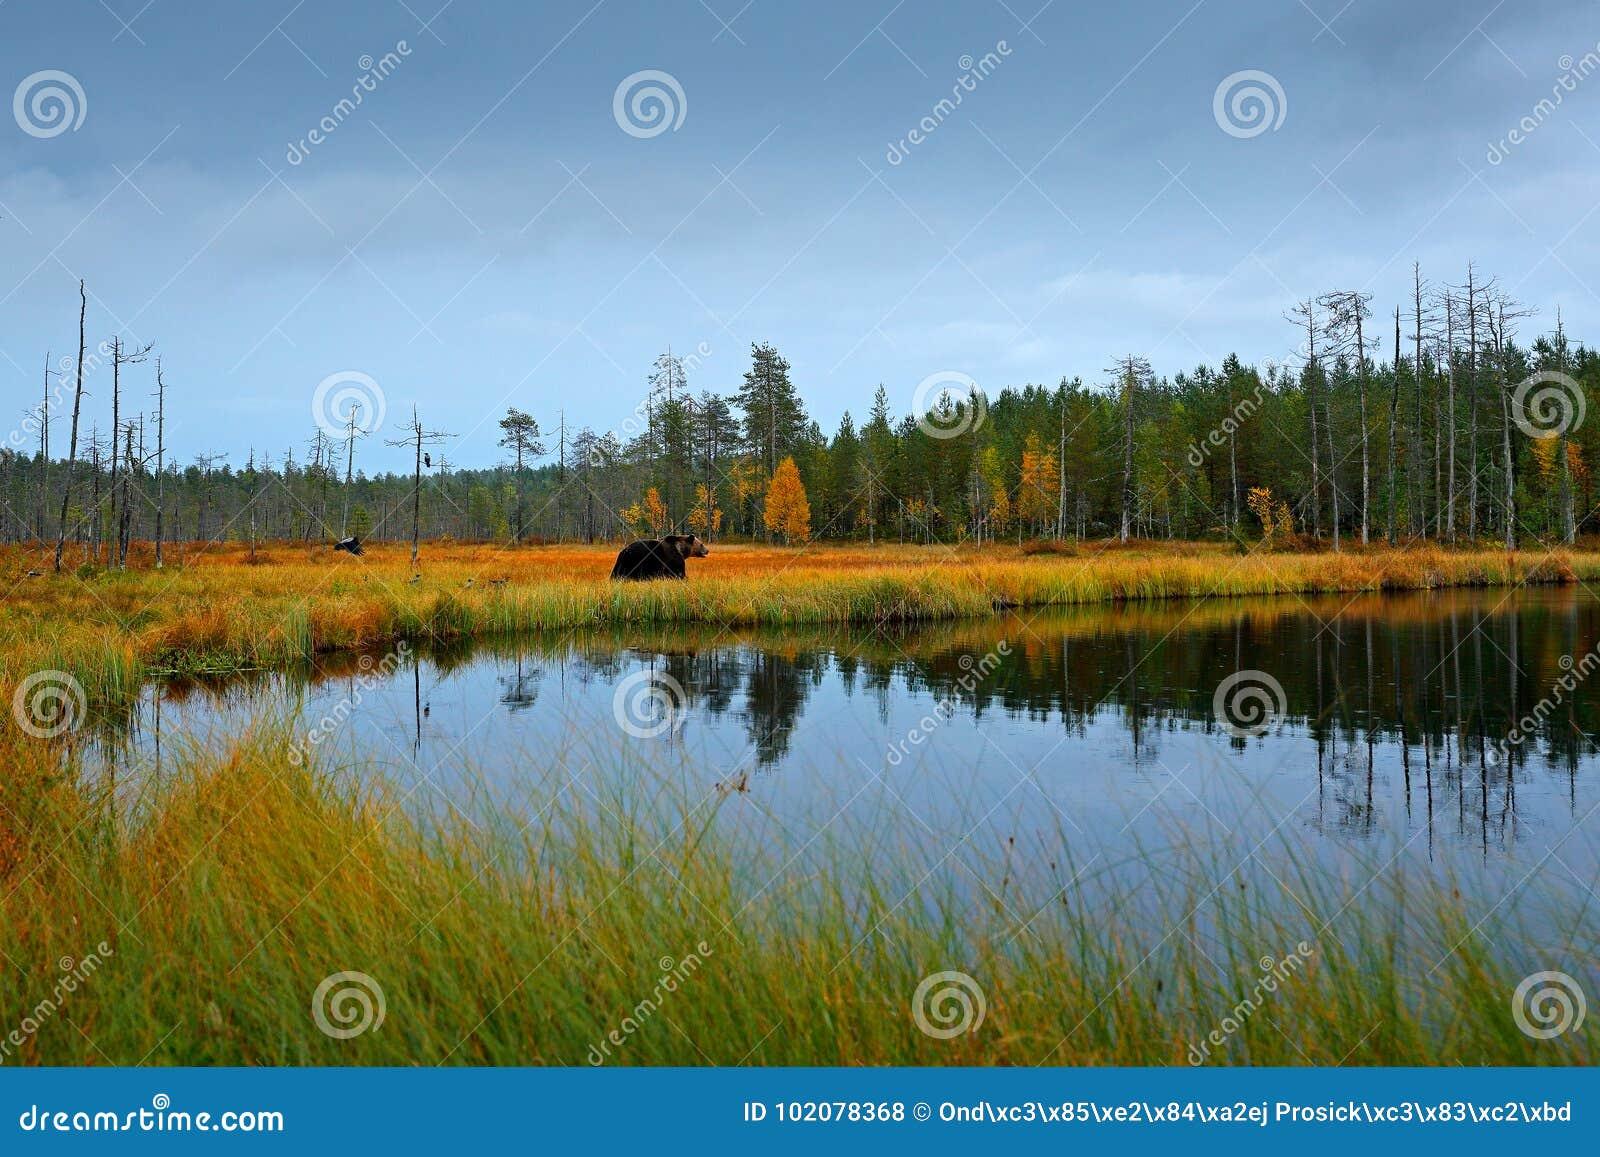 De herfstbomen en meer met beer Mooie bruin draagt lopend rond meer met dalingskleuren Gevaarlijk dier in aardhout, weide